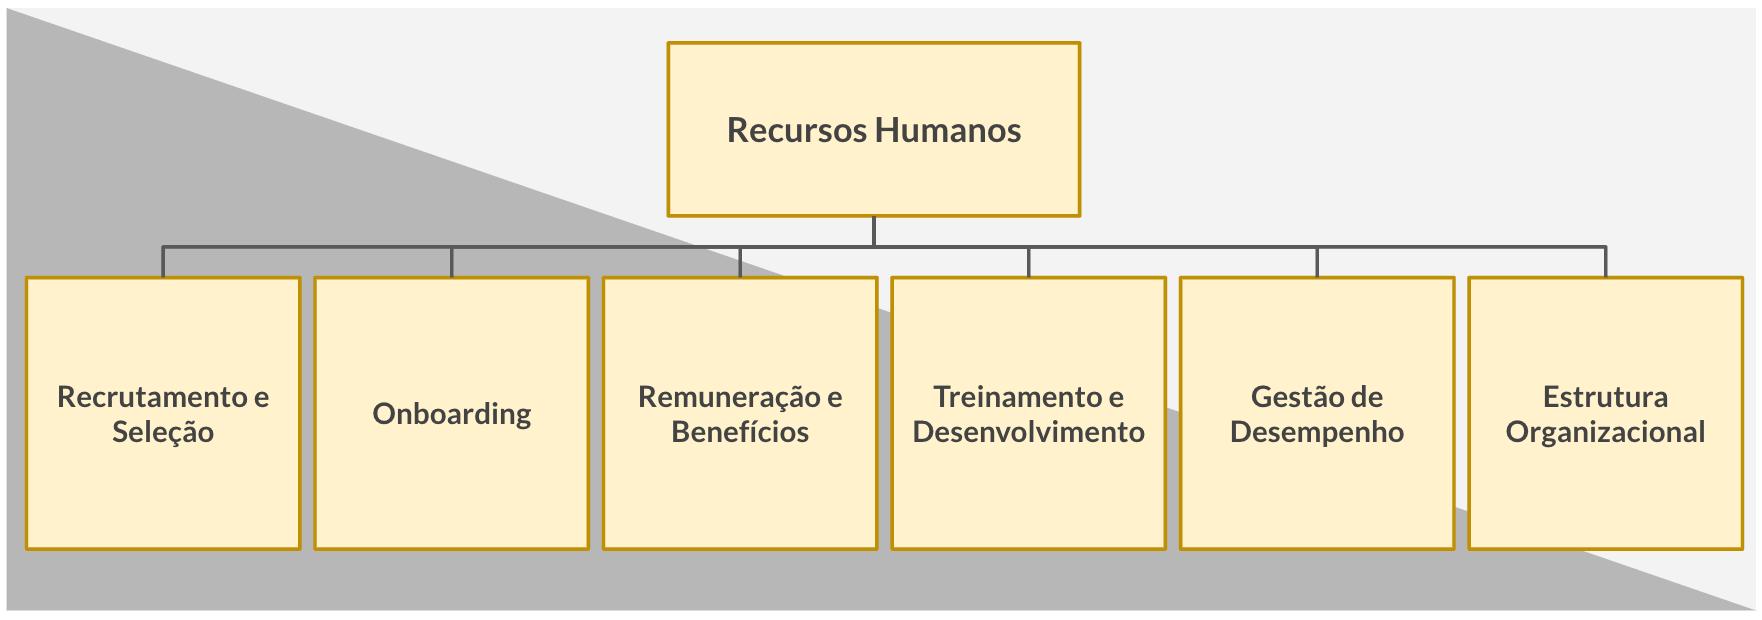 imagem de uma hierarquia de rh tradicional